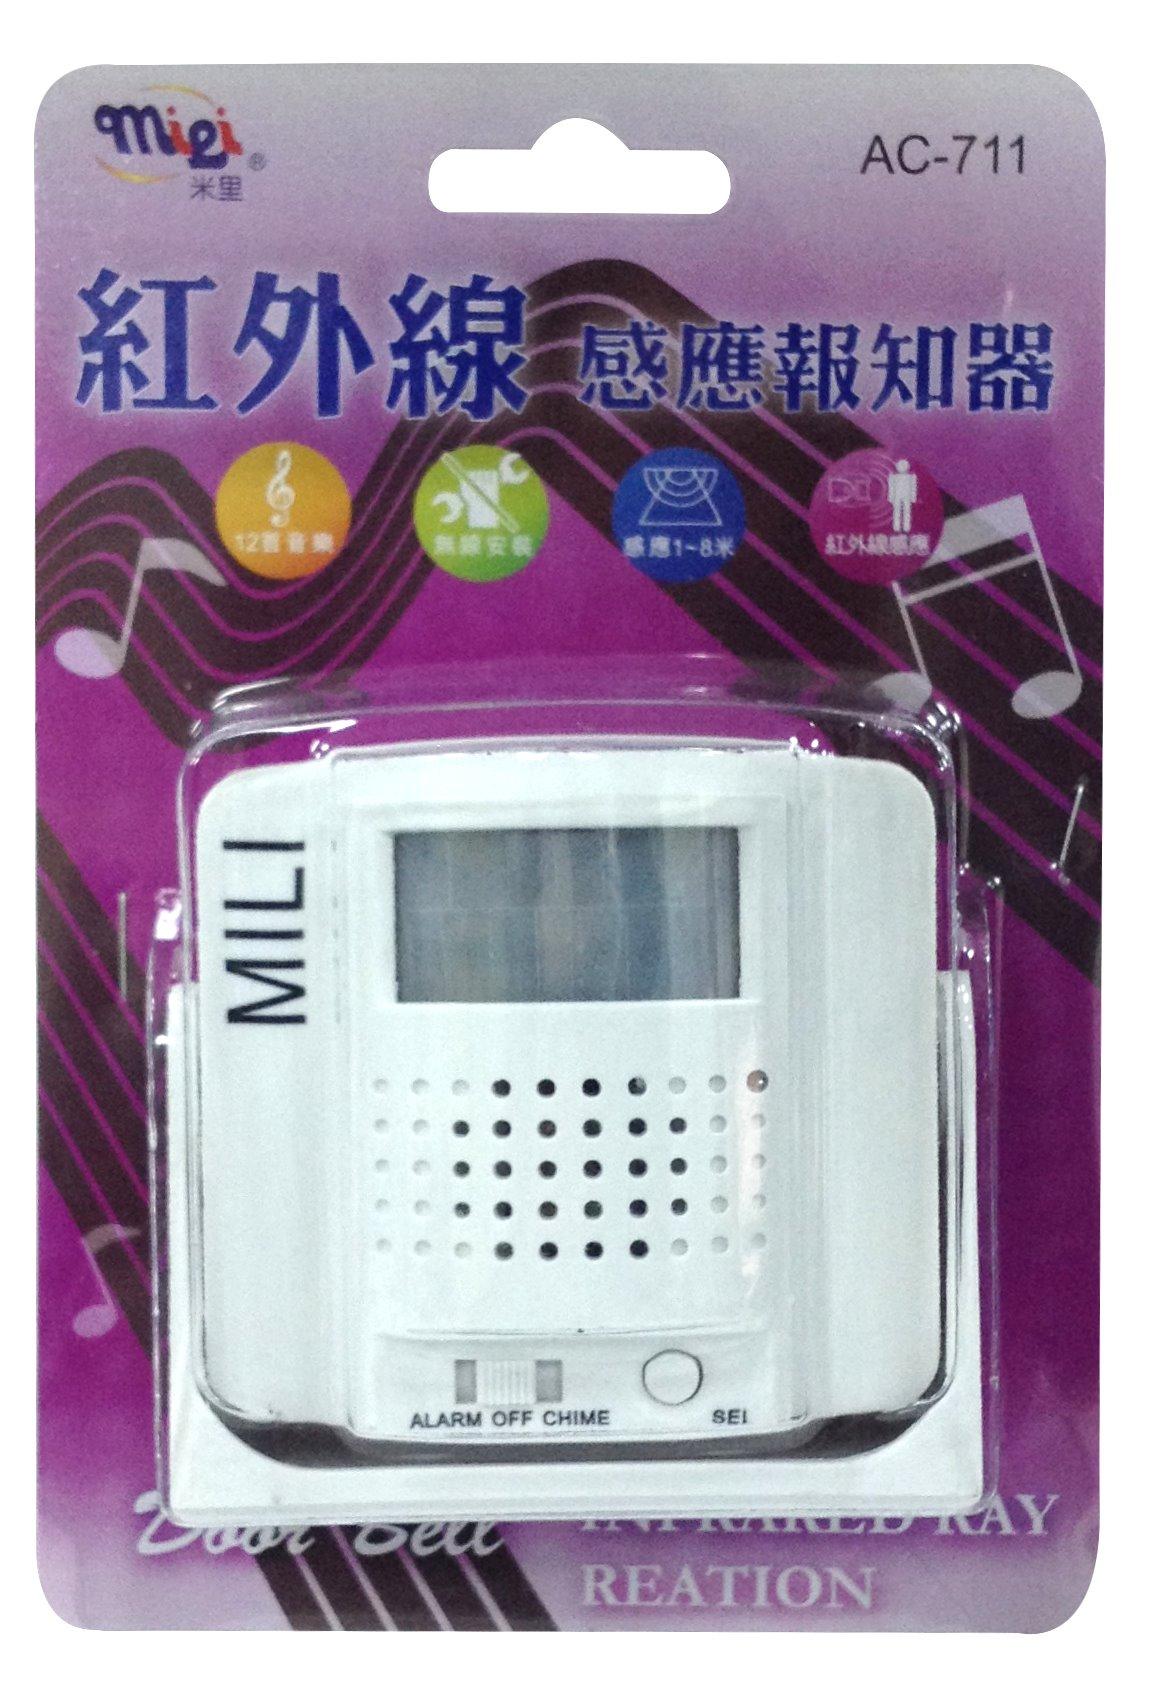 紅外線感應報知器 AC-711